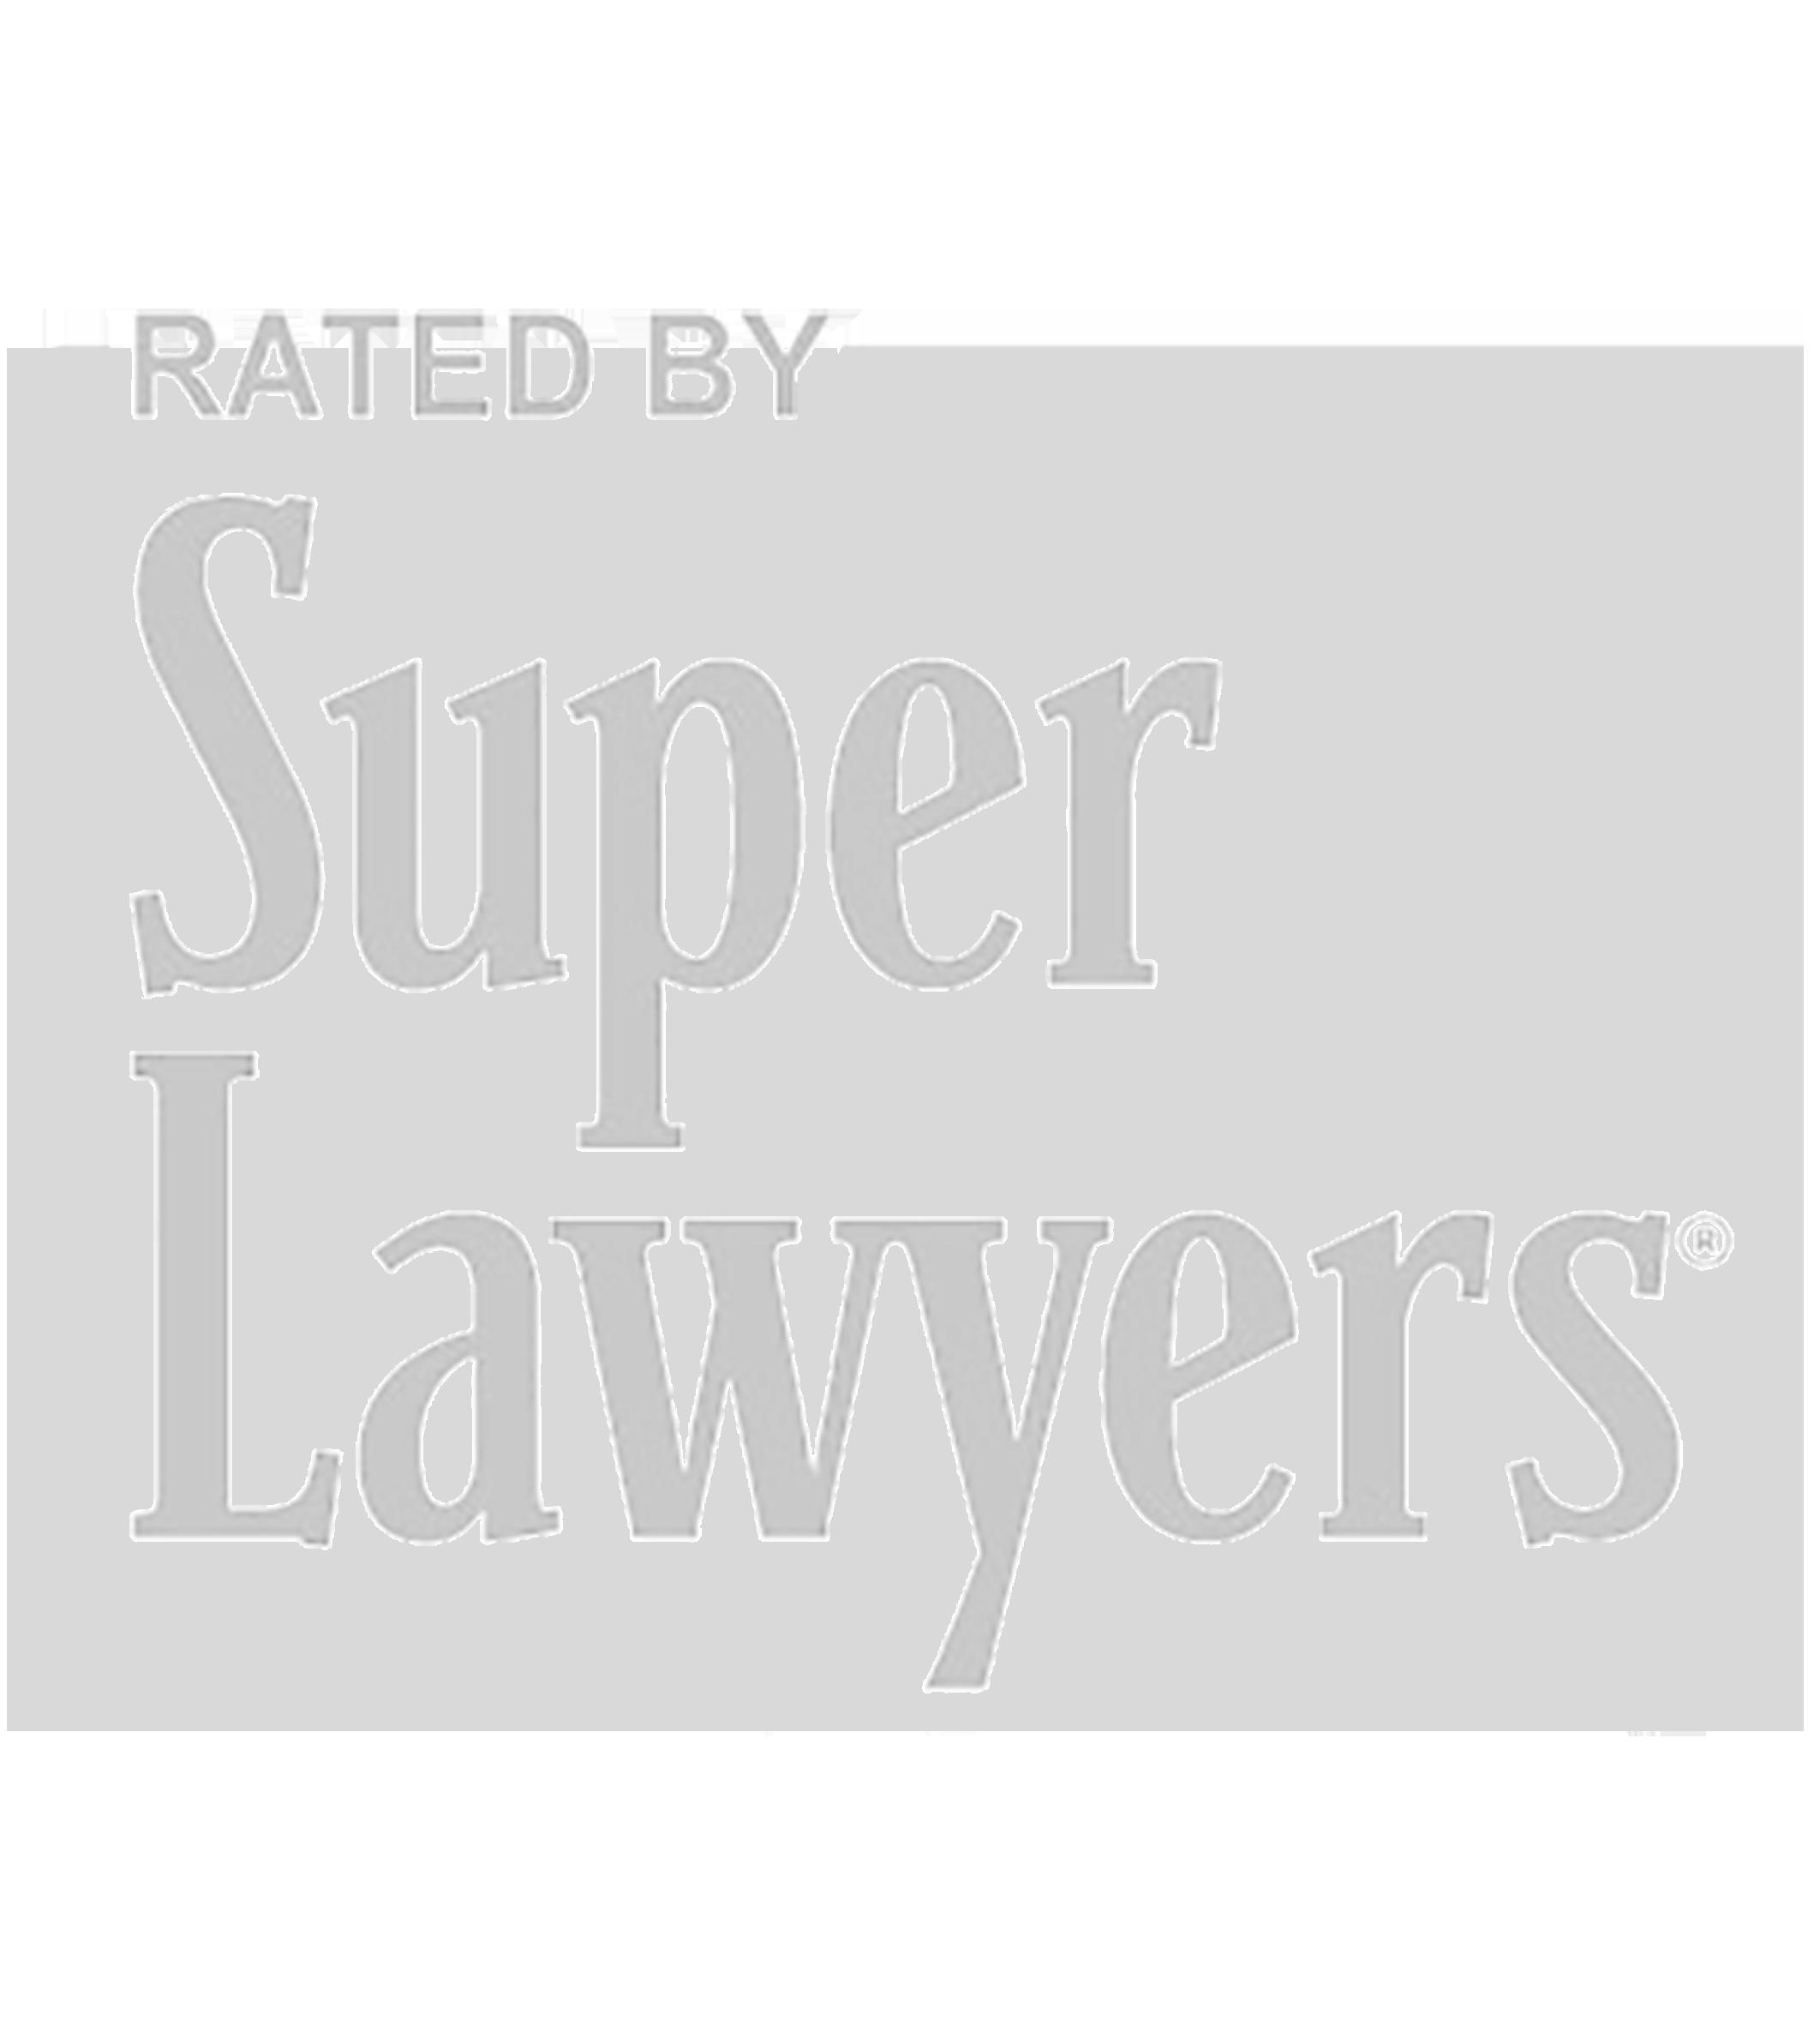 SuperLawyersBadgeSquareGray